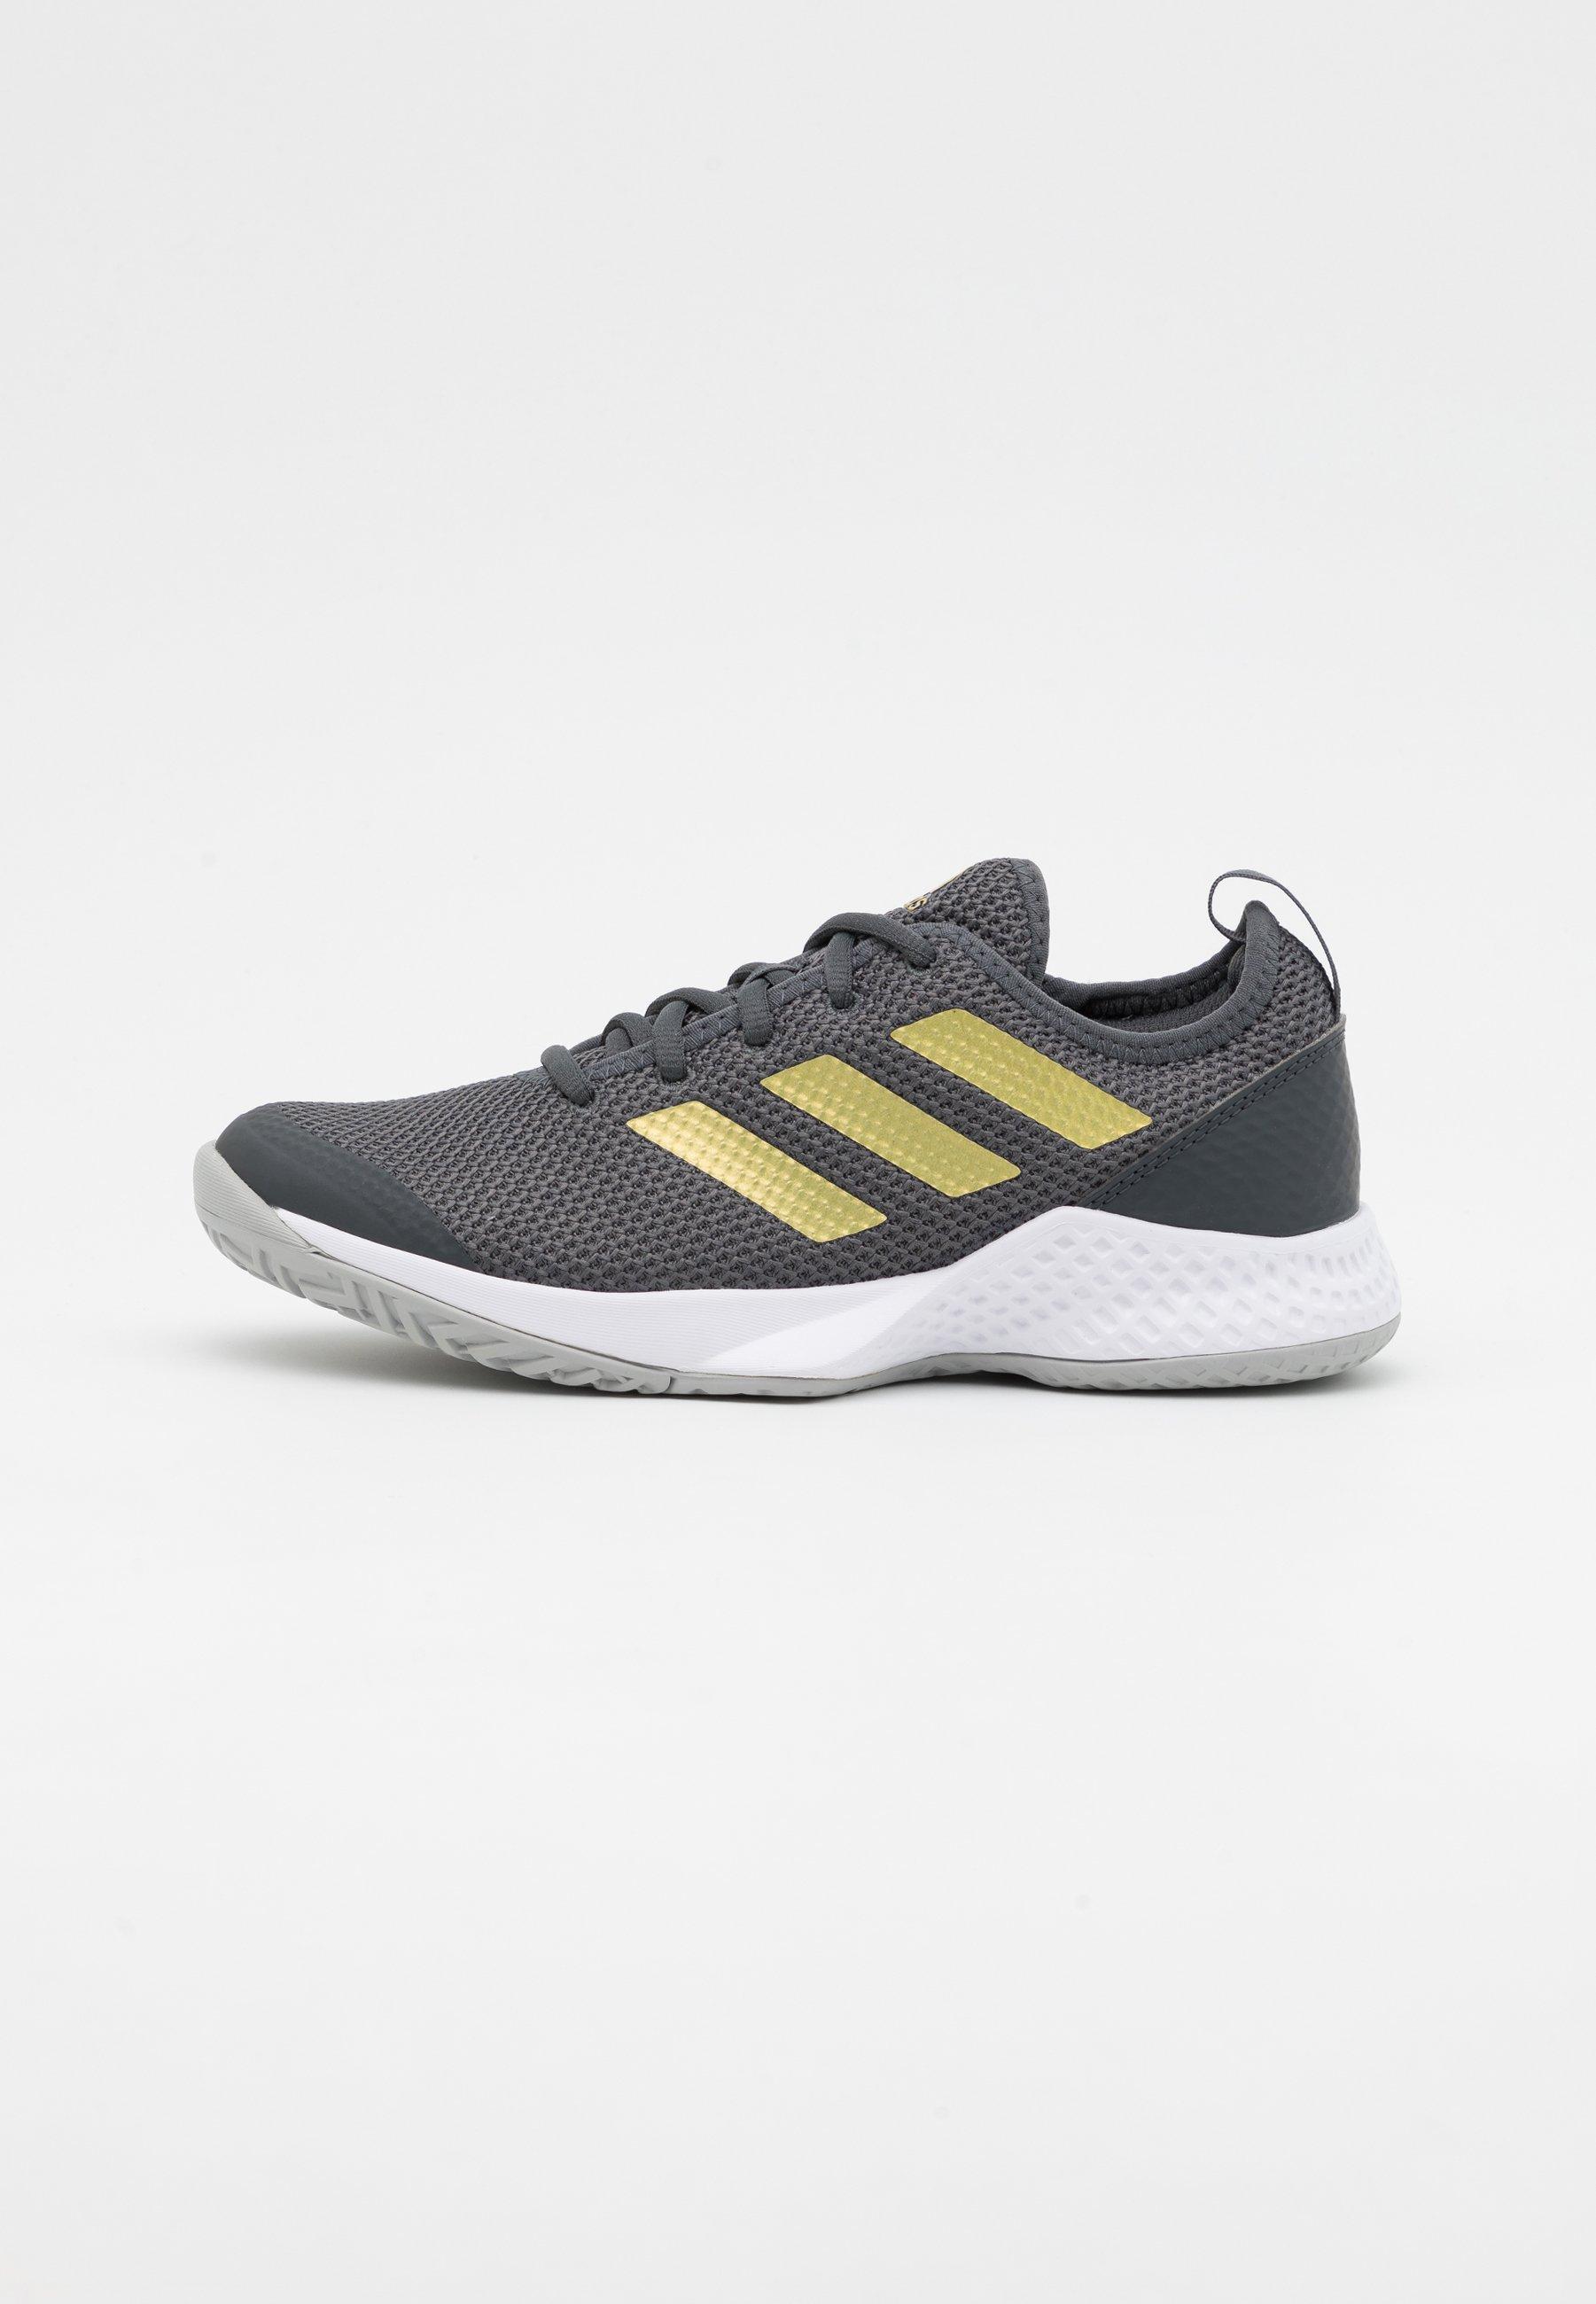 Femme COURT CONTROL  - Chaussures de tennis toutes surfaces